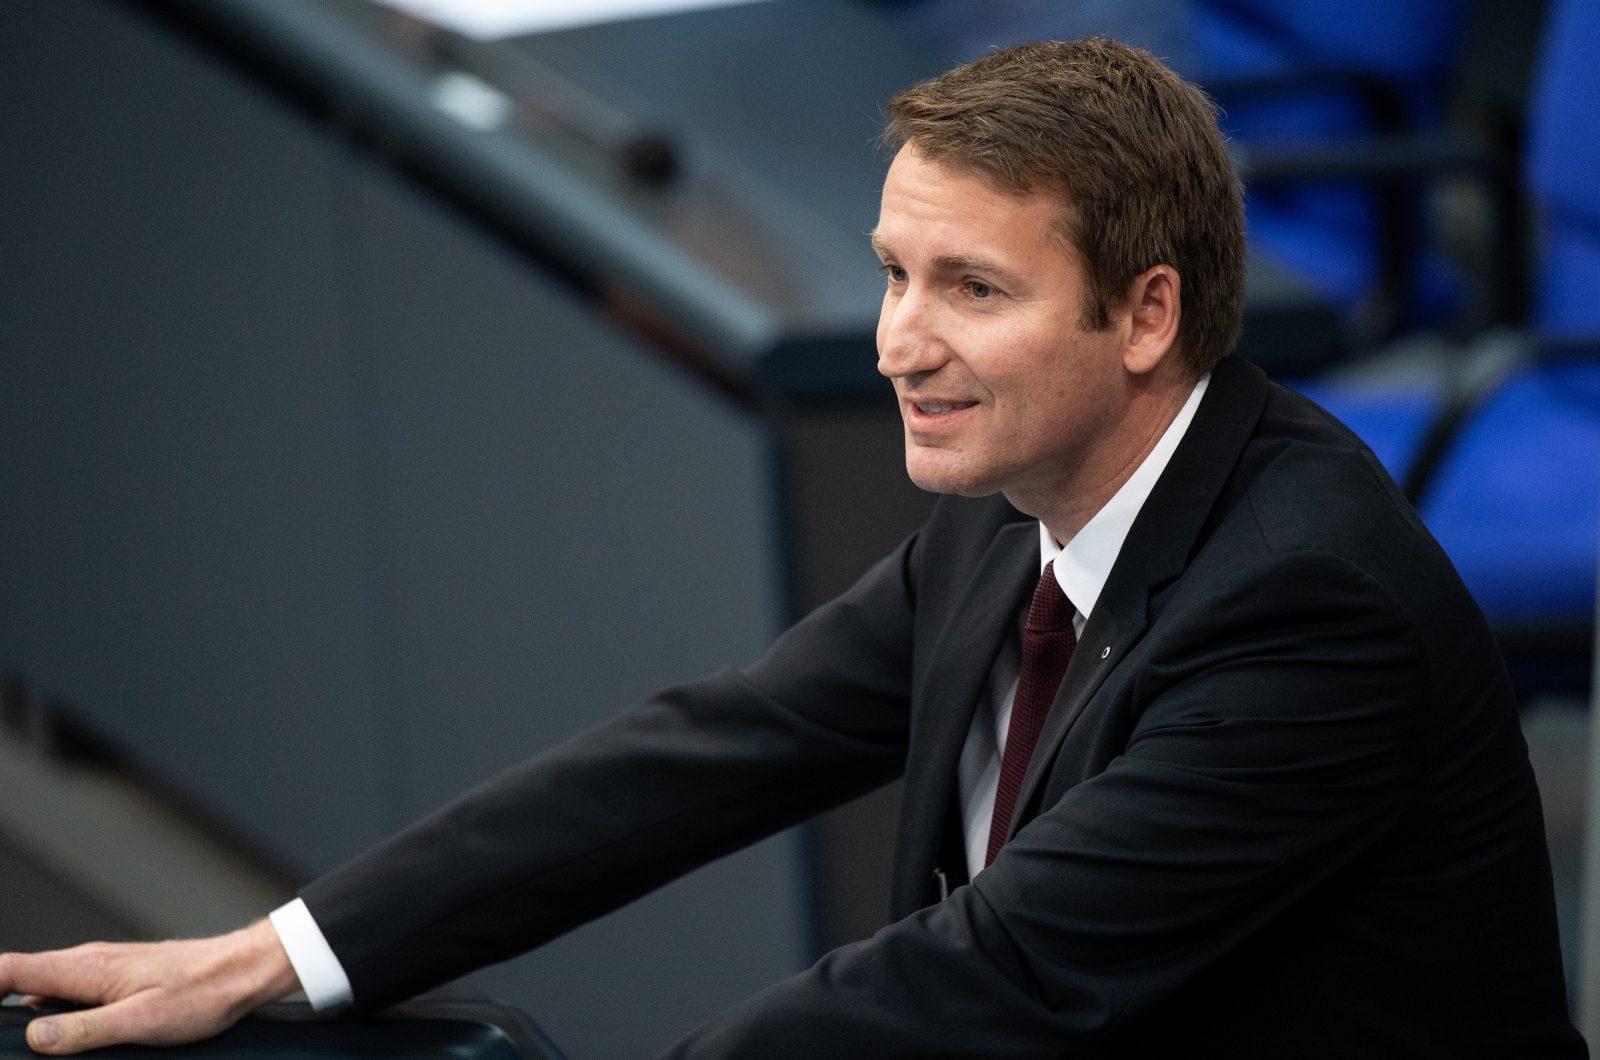 Der Präsident des Reservistenverbandes der Bundeswehr und CDU-Bundestagsabgeordnete, Patrick Sensburg Foto: picture alliance/Fabian Sommer/dpa